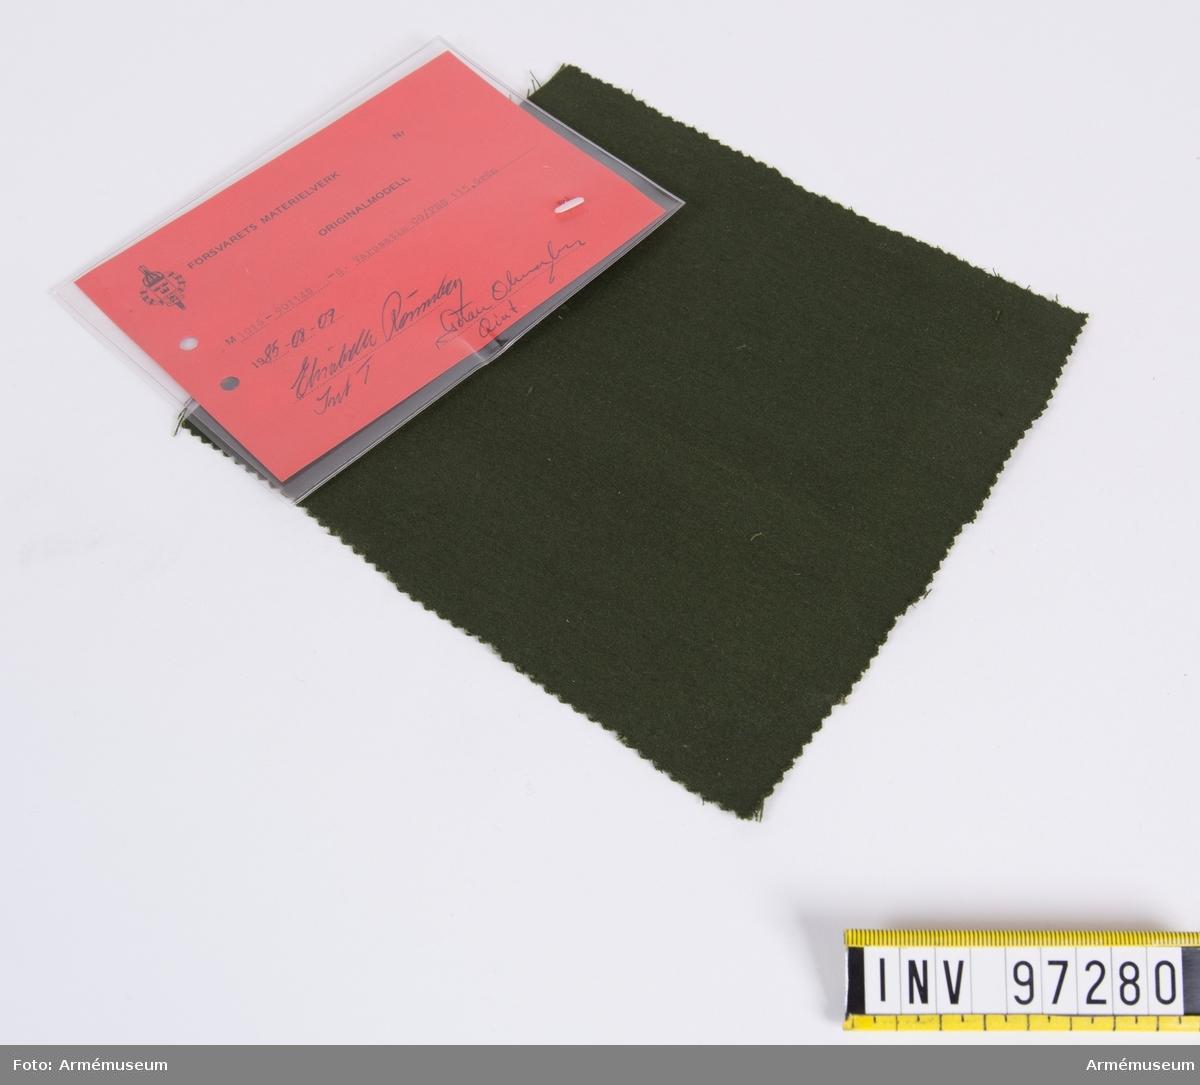 """Vidhängande modellapp med text: """"Försvarets materielverk. Originalmodell. M 1016-901548-8. Varpsatin CO/PES 115, grön. 1985-08-07. Elisabeth Rönnberg IntT, Göran Olmarker QInt."""""""